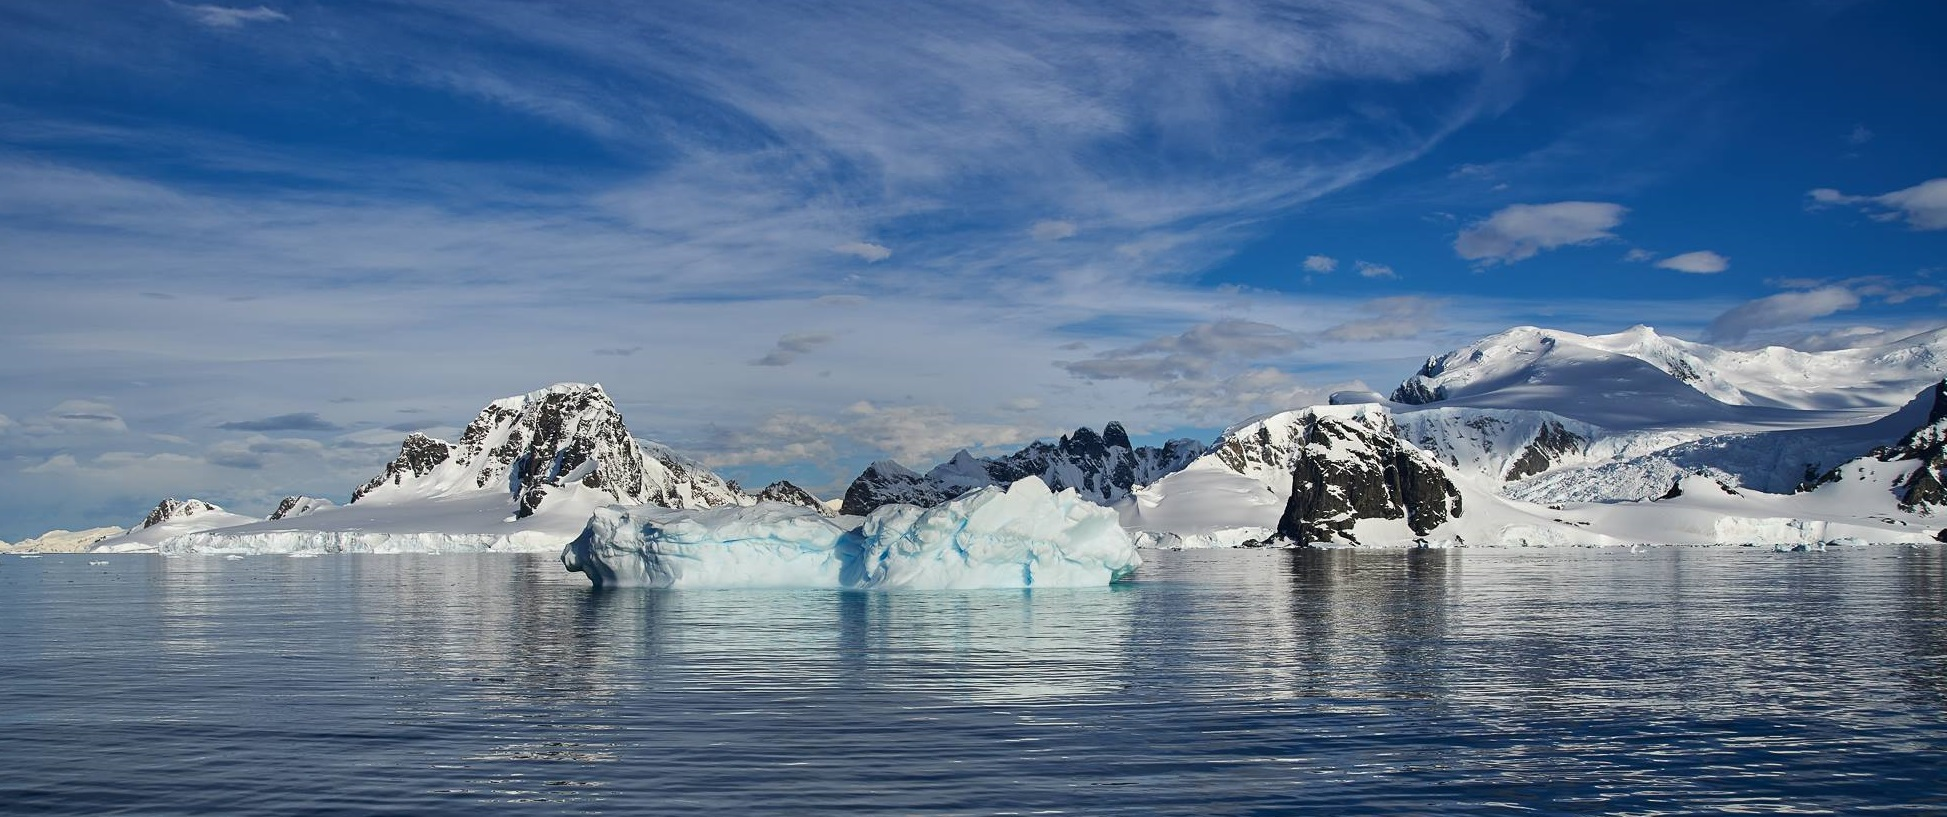 Antartcic image_1-1.jpg